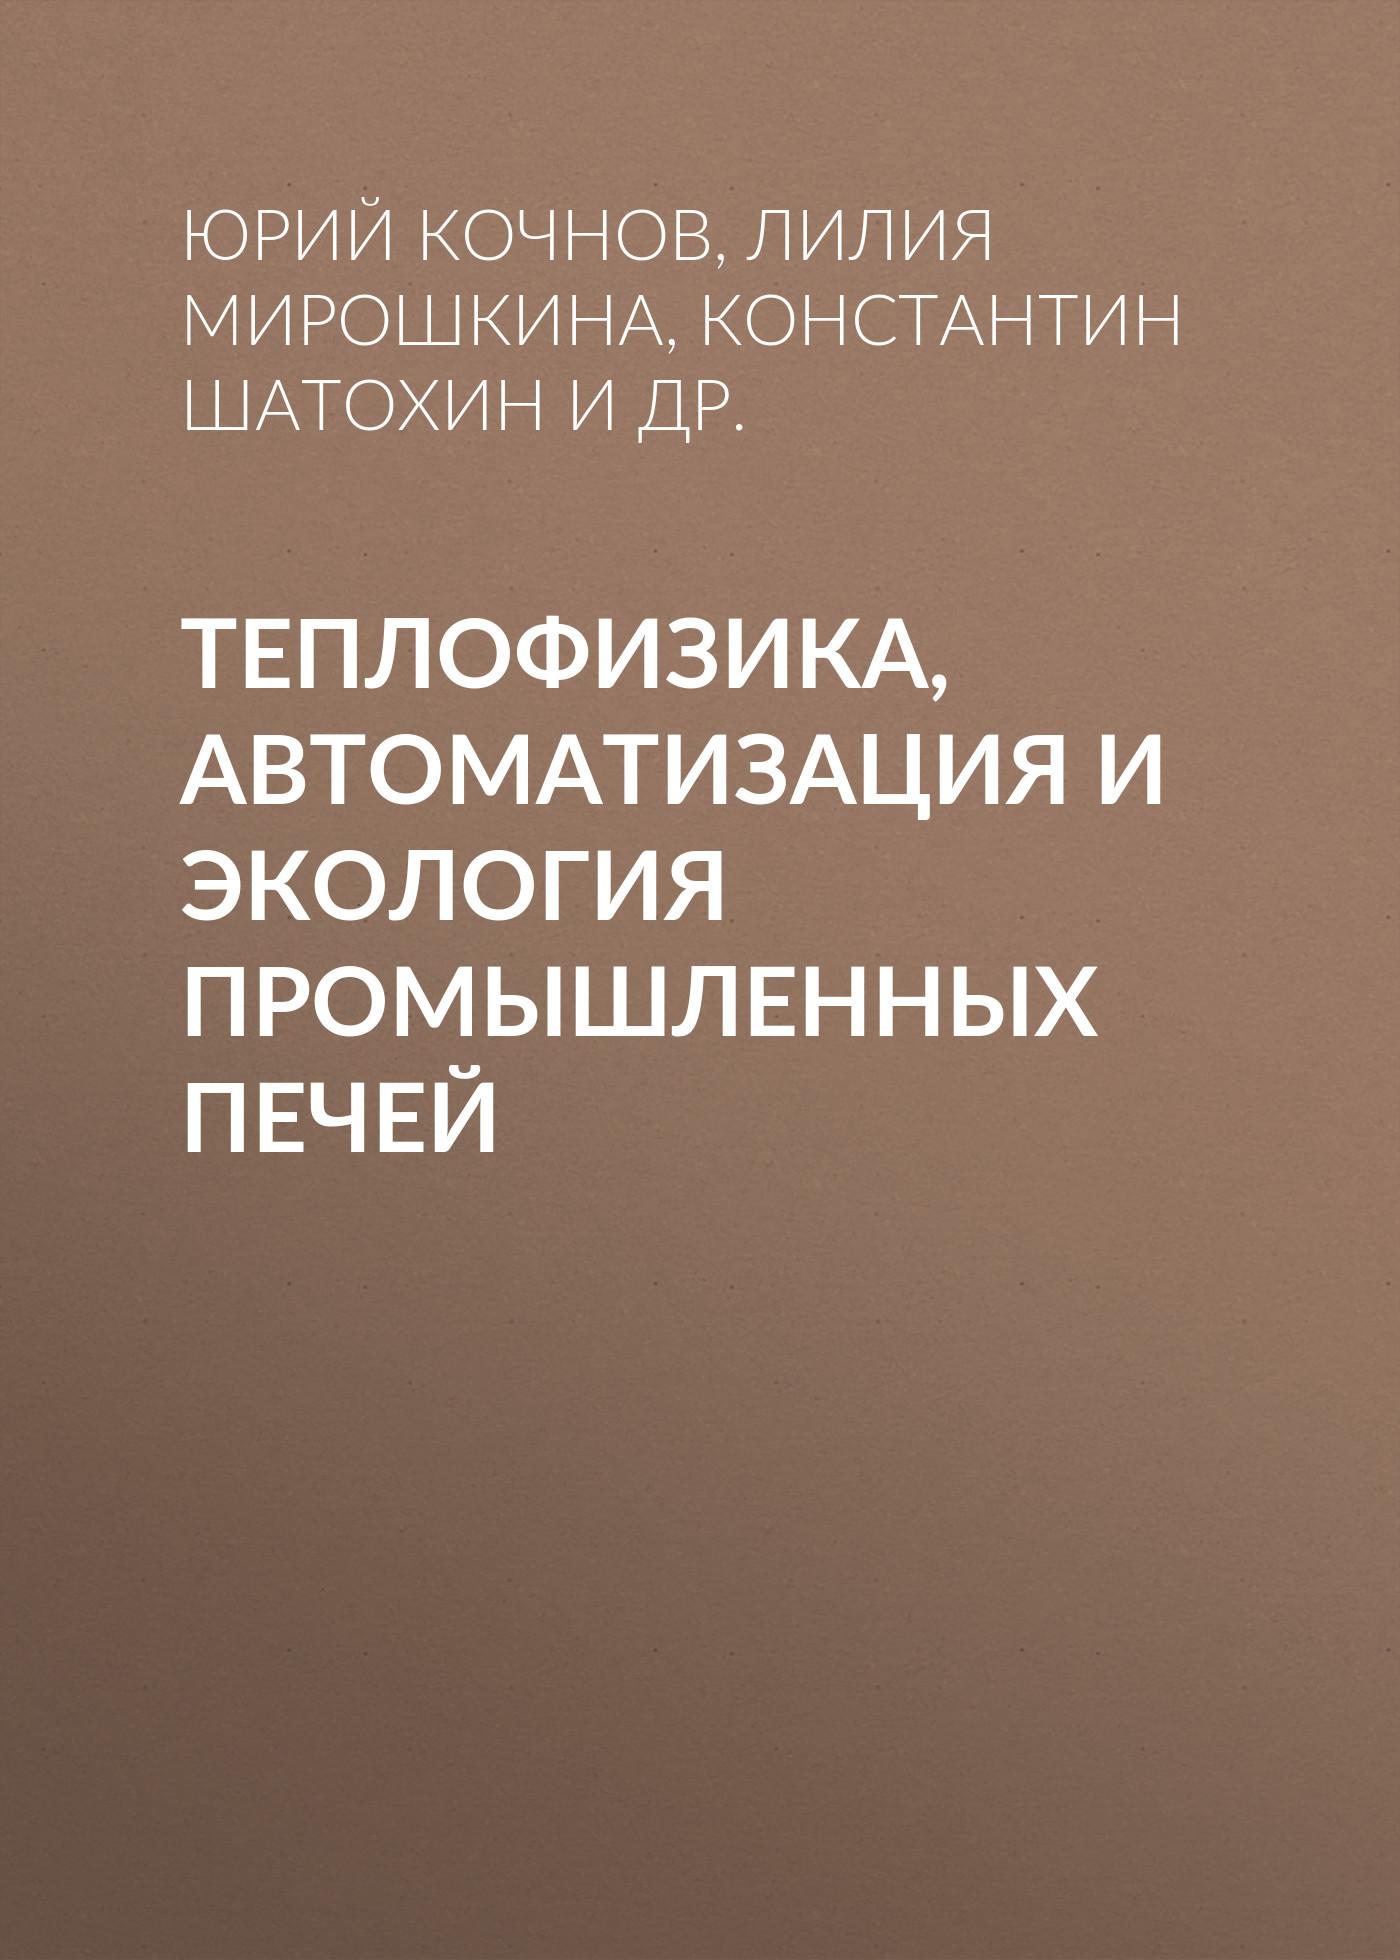 Константин Шатохин Теплофизика, автоматизация и экология промышленных печей